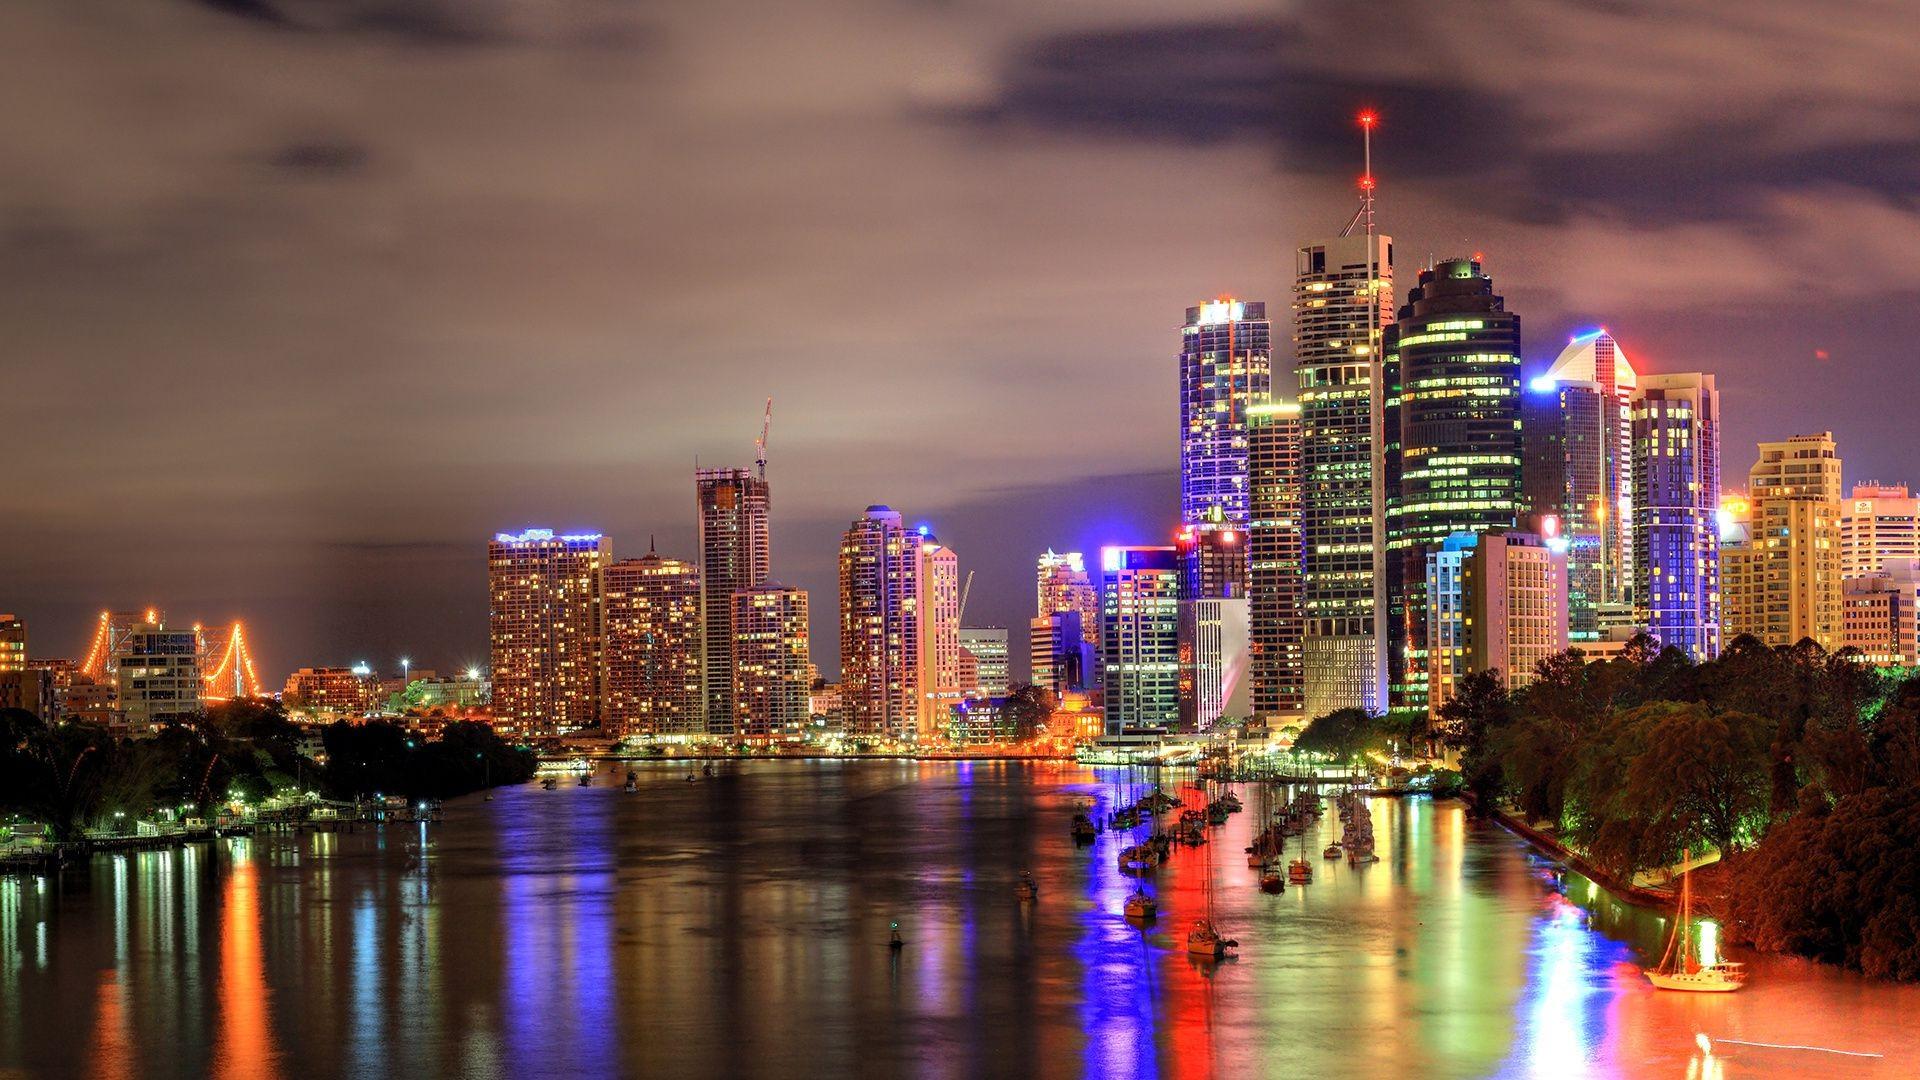 Ночной город картинки на рабочий стол компьютера